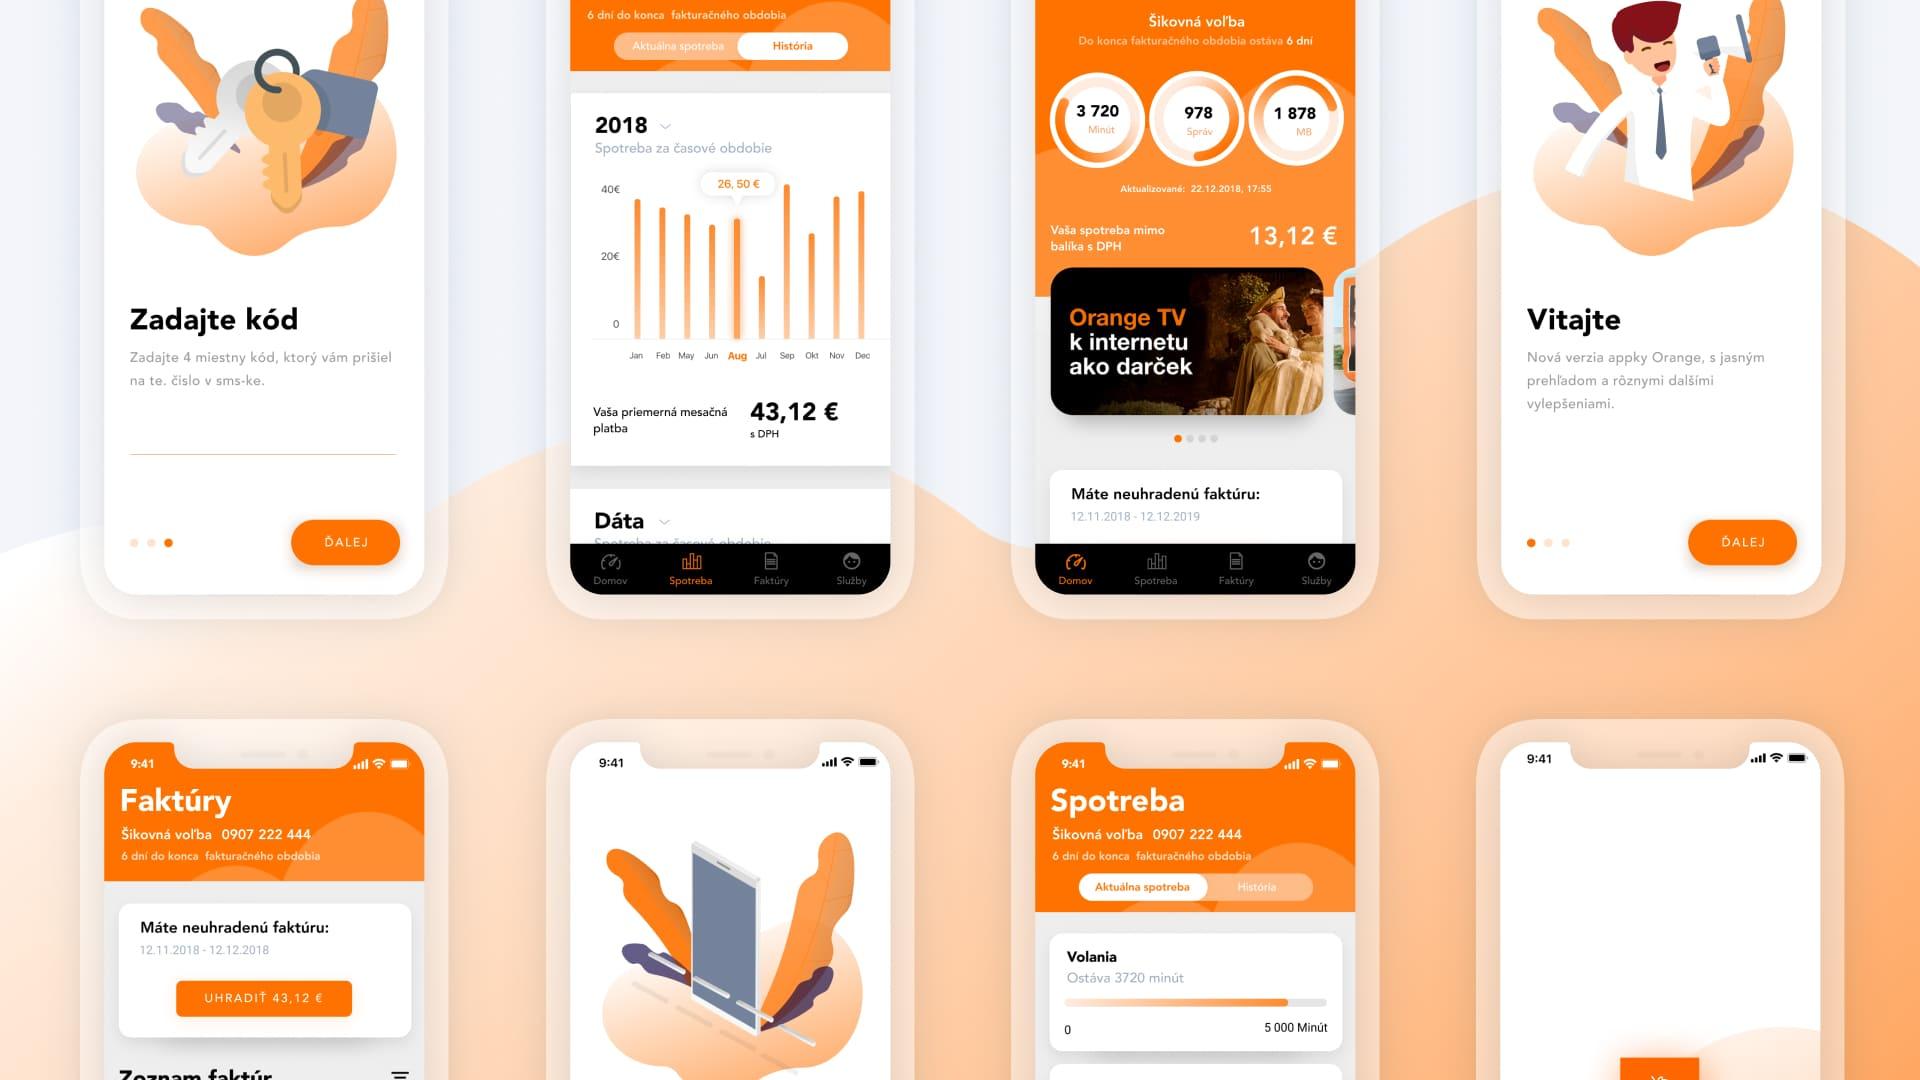 mobile application concept for telecommunication operator | koncept mobilnej aplikácie pre telekomunikačného operátora